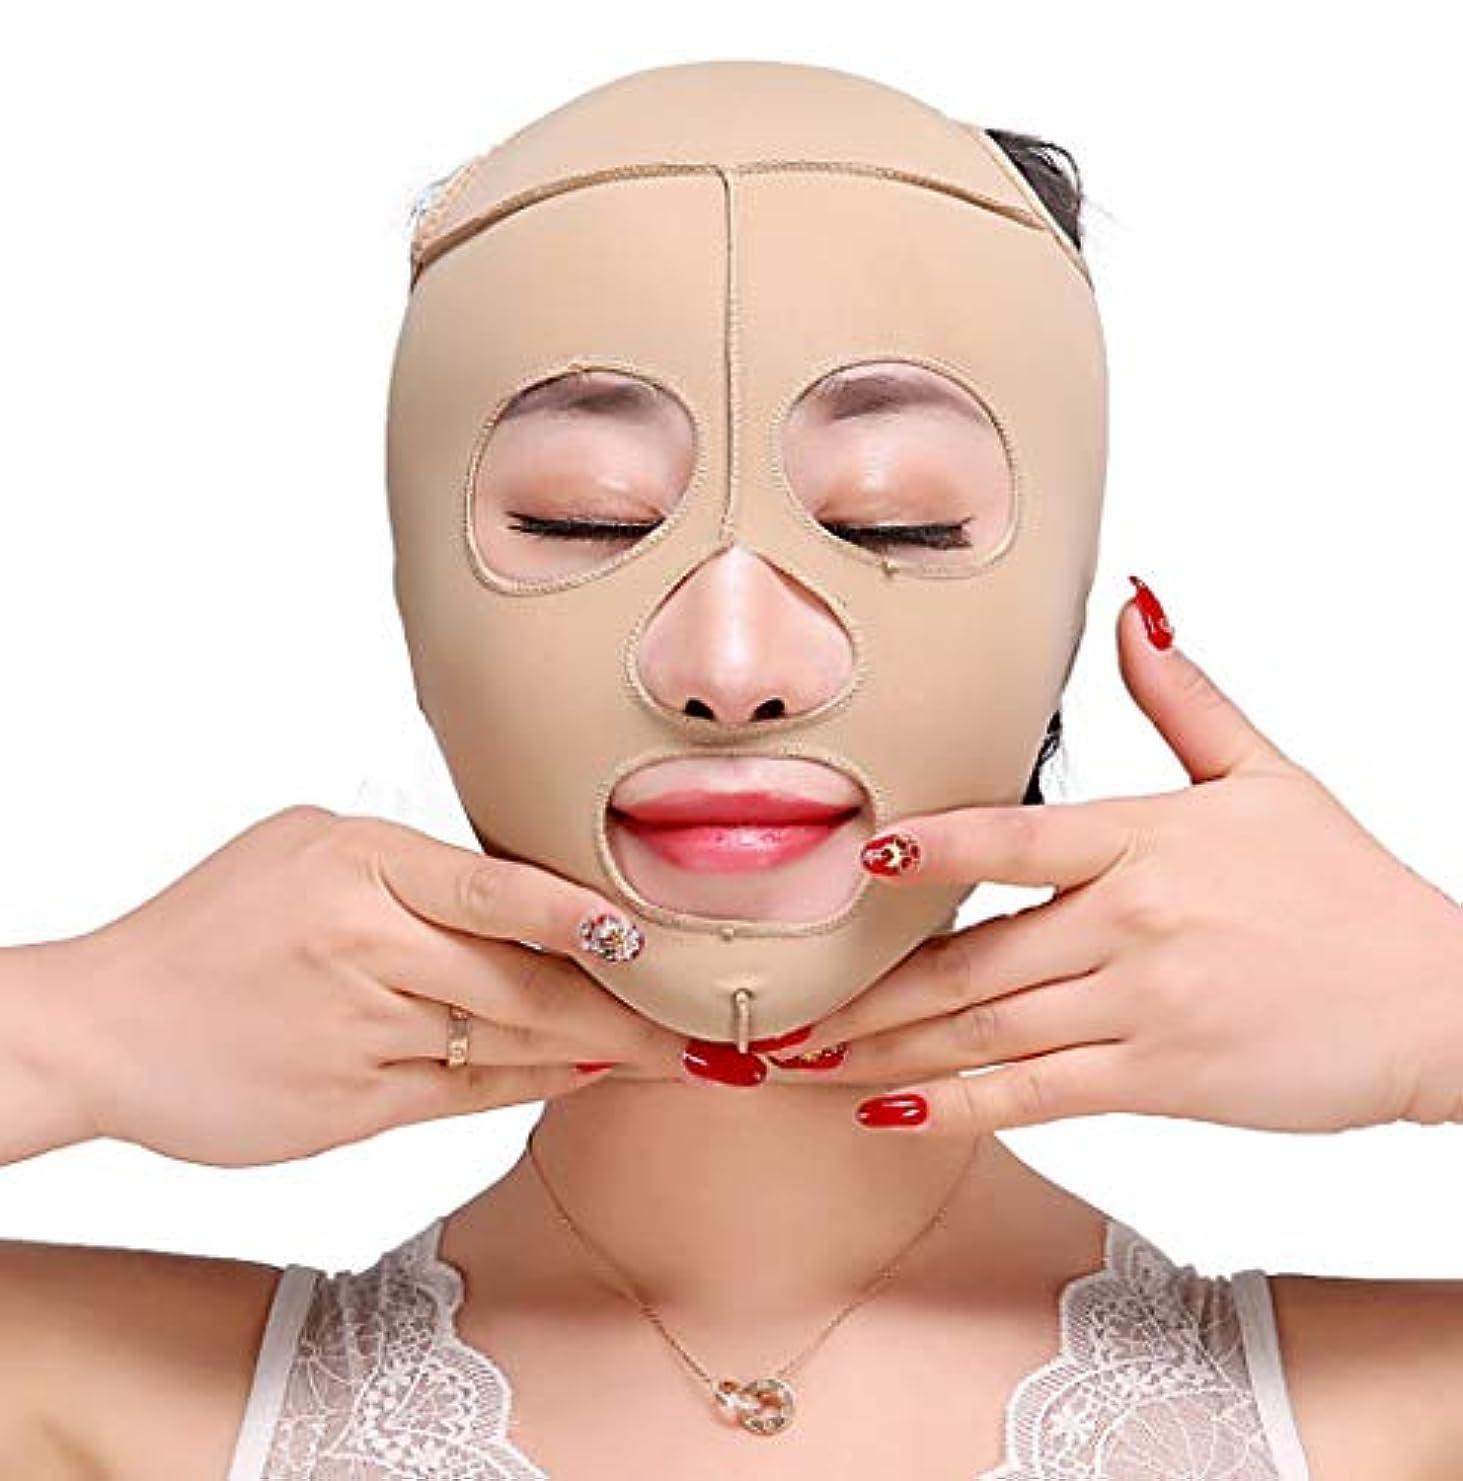 曲げる昼間成熟したTLMY 痩身ベルト痩身ベルト薄い顔の包帯小V顔の顔の薄い顔のマスク包帯の強化引き締めV顔美容マスク小さな顔の包帯の頭飾り修正顔の形 顔用整形マスク (Size : M)